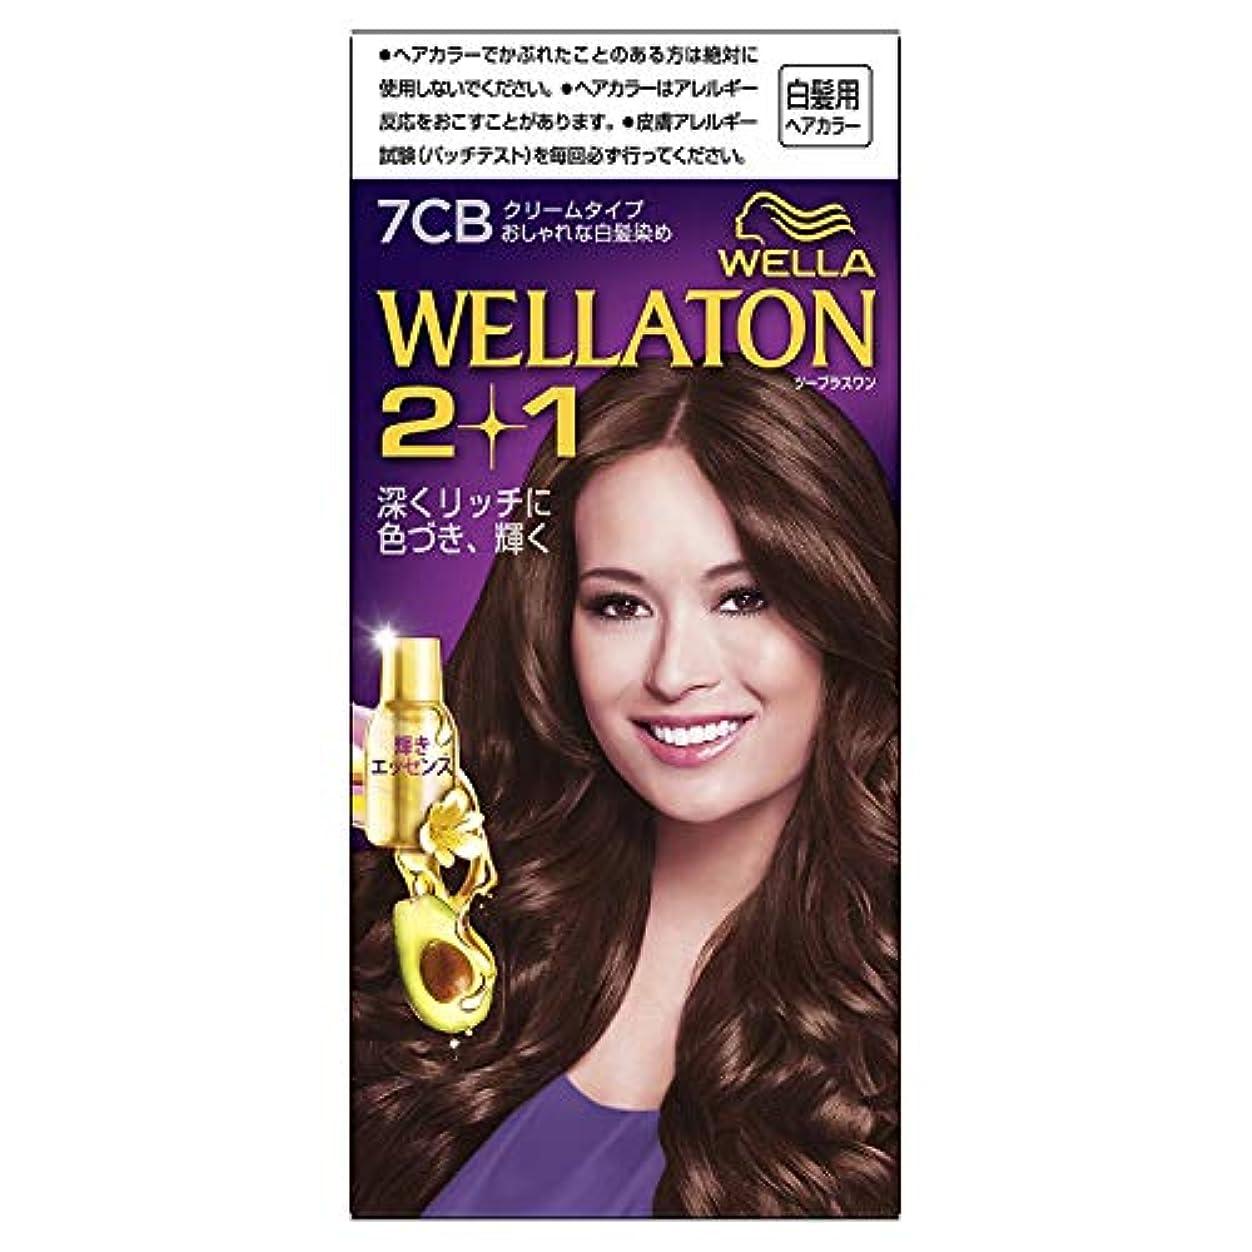 持つ掃除広範囲にウエラトーン2+1 白髪染め クリームタイプ 7CB [医薬部外品] ×6個